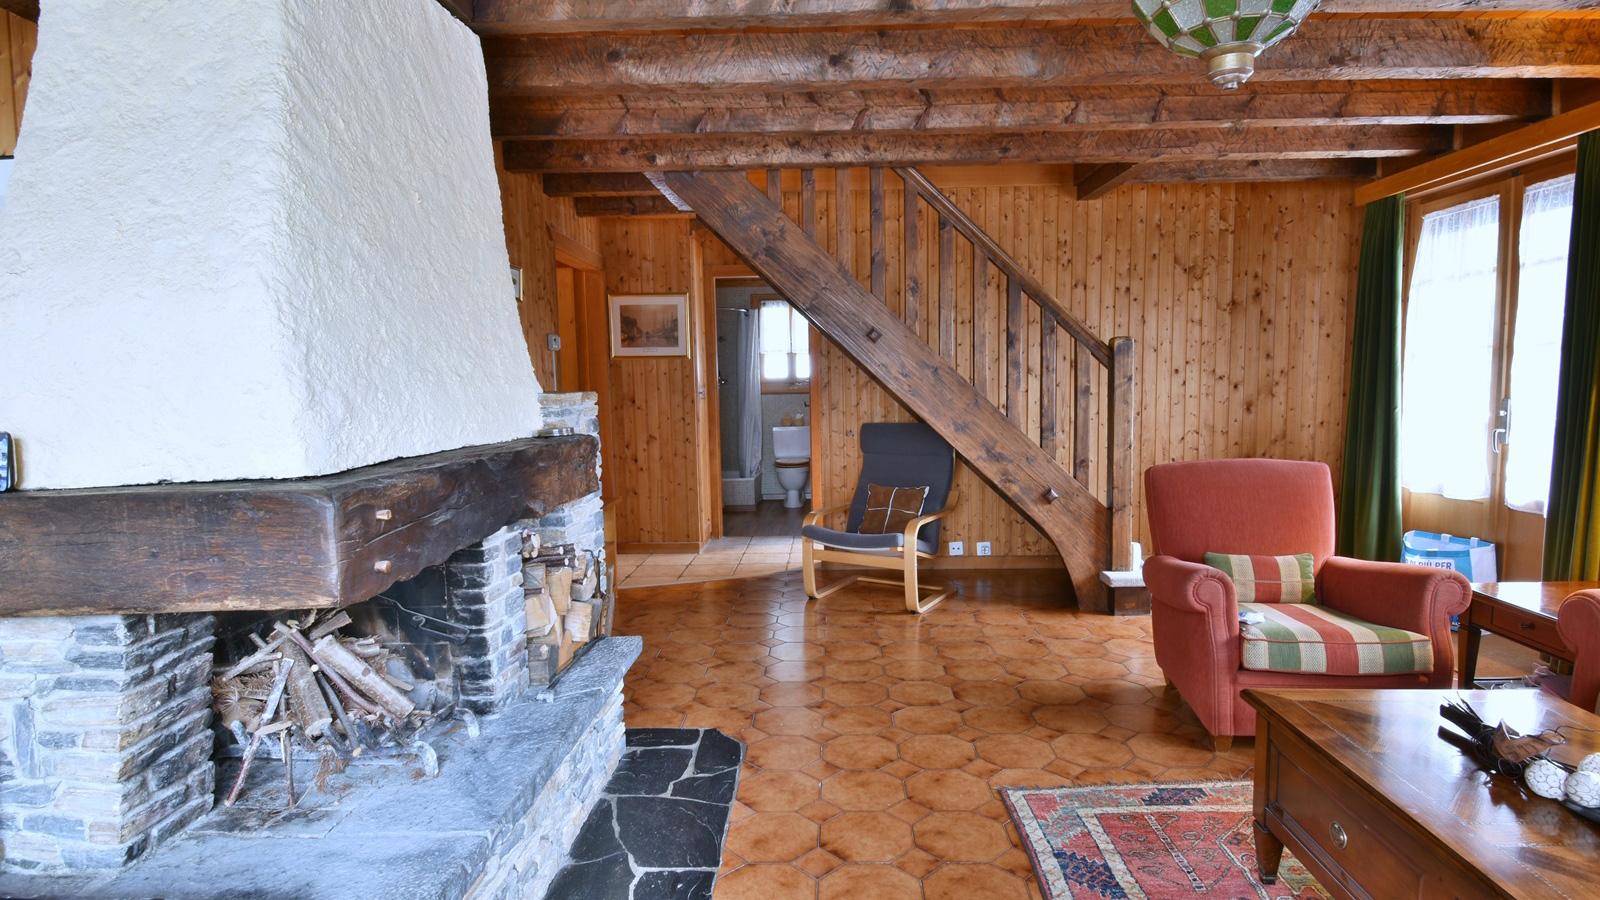 Chalet Vieze Chalet, Switzerland